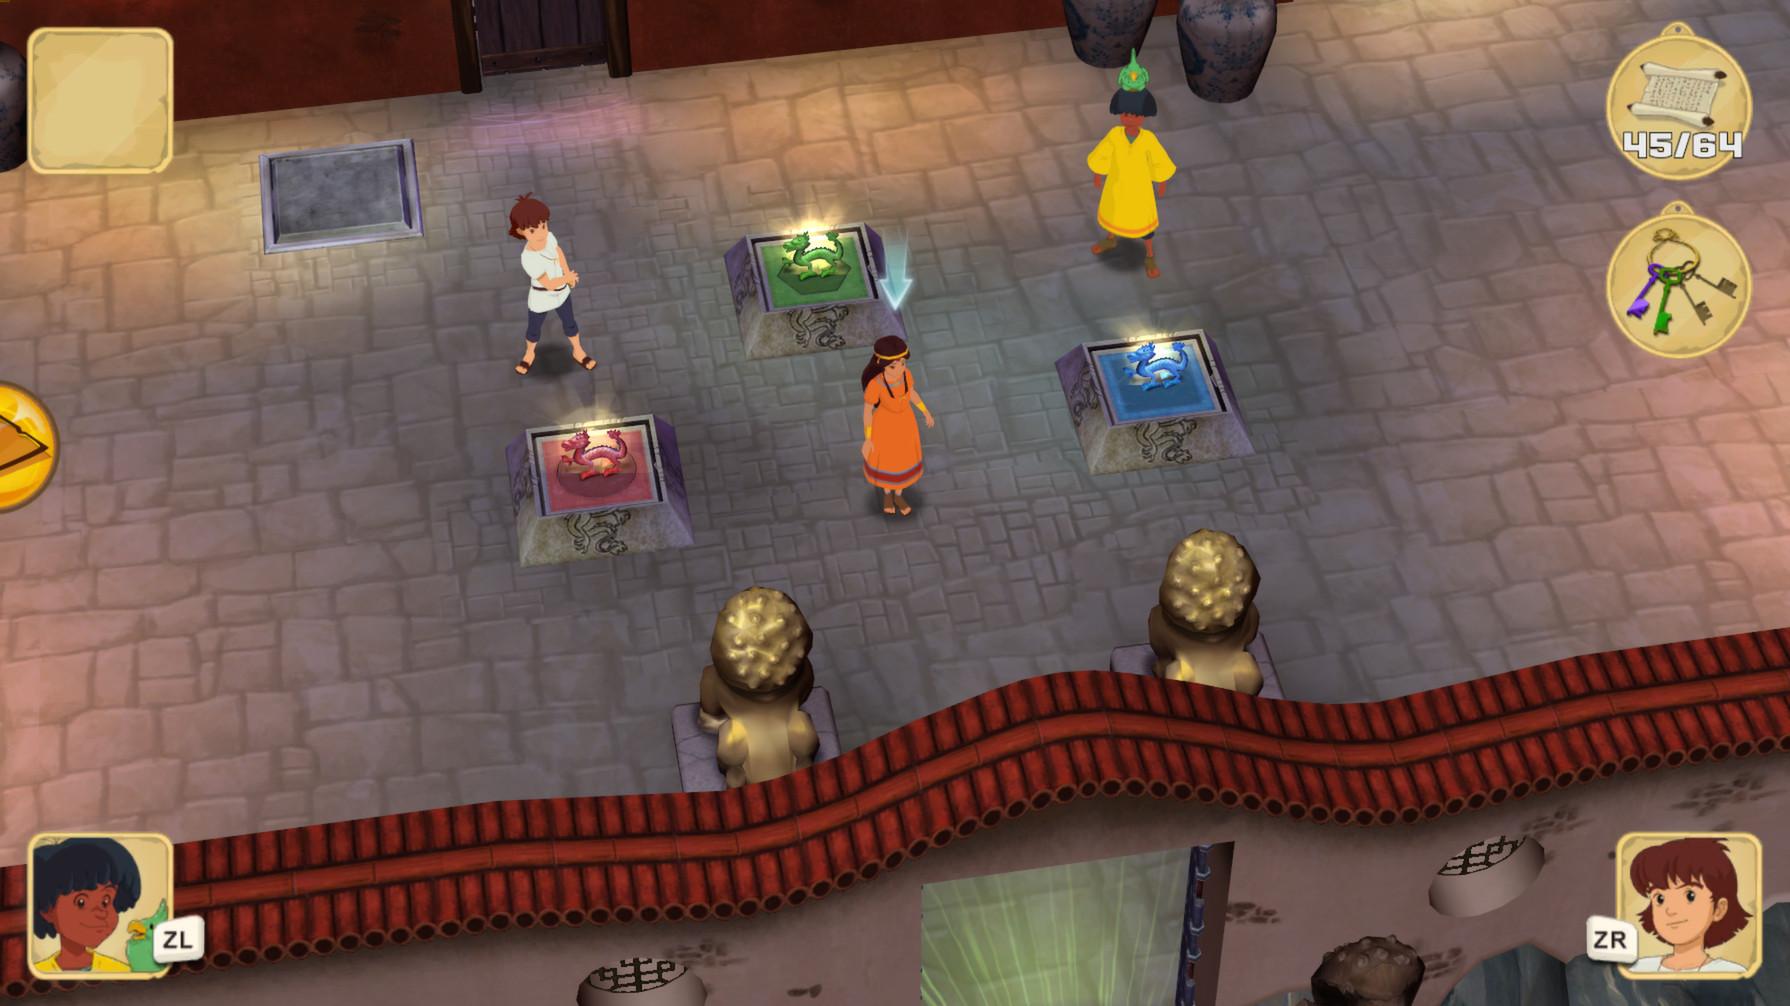 صور من لعبة مدن الذهب للكمبيوتر